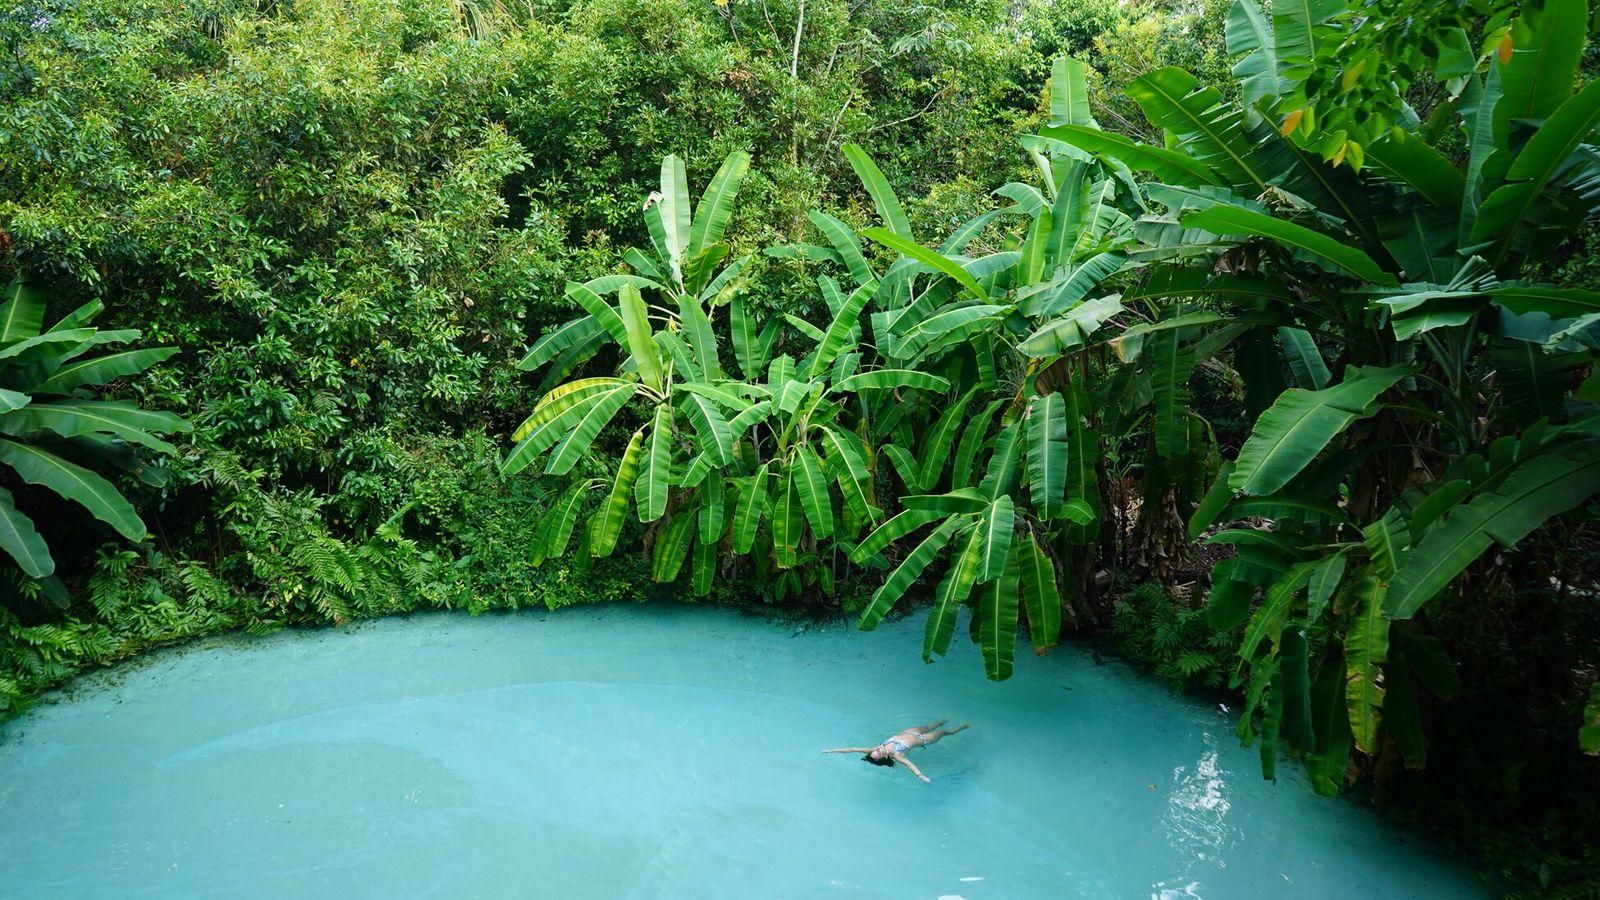 Dans le parc d'État de Jalapão, les fervedouros sont de superbes sources karstiques qui offrent une ...